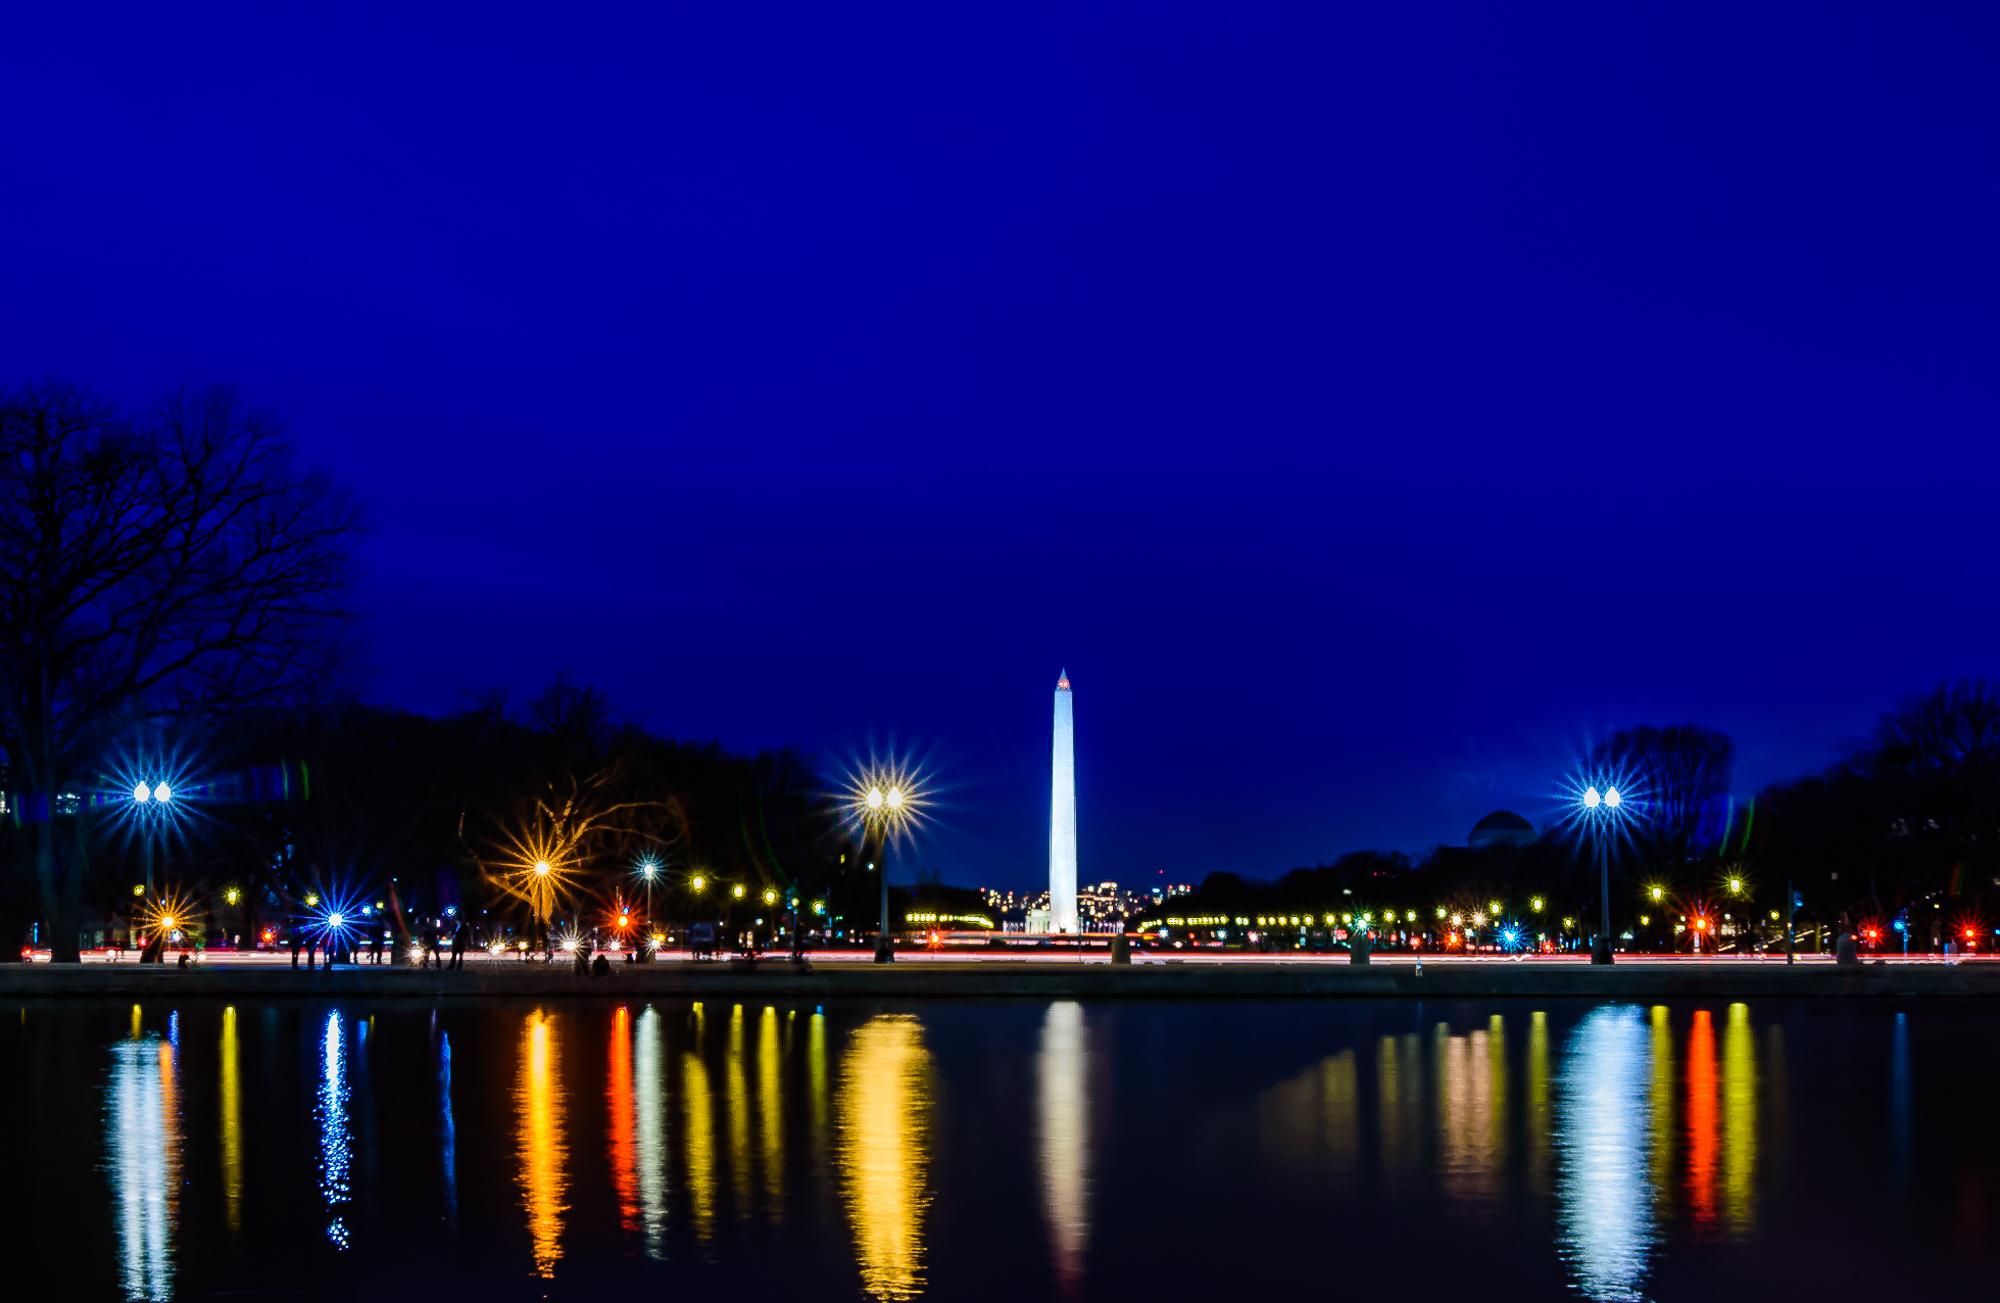 58137F - Washington Monument Reflect